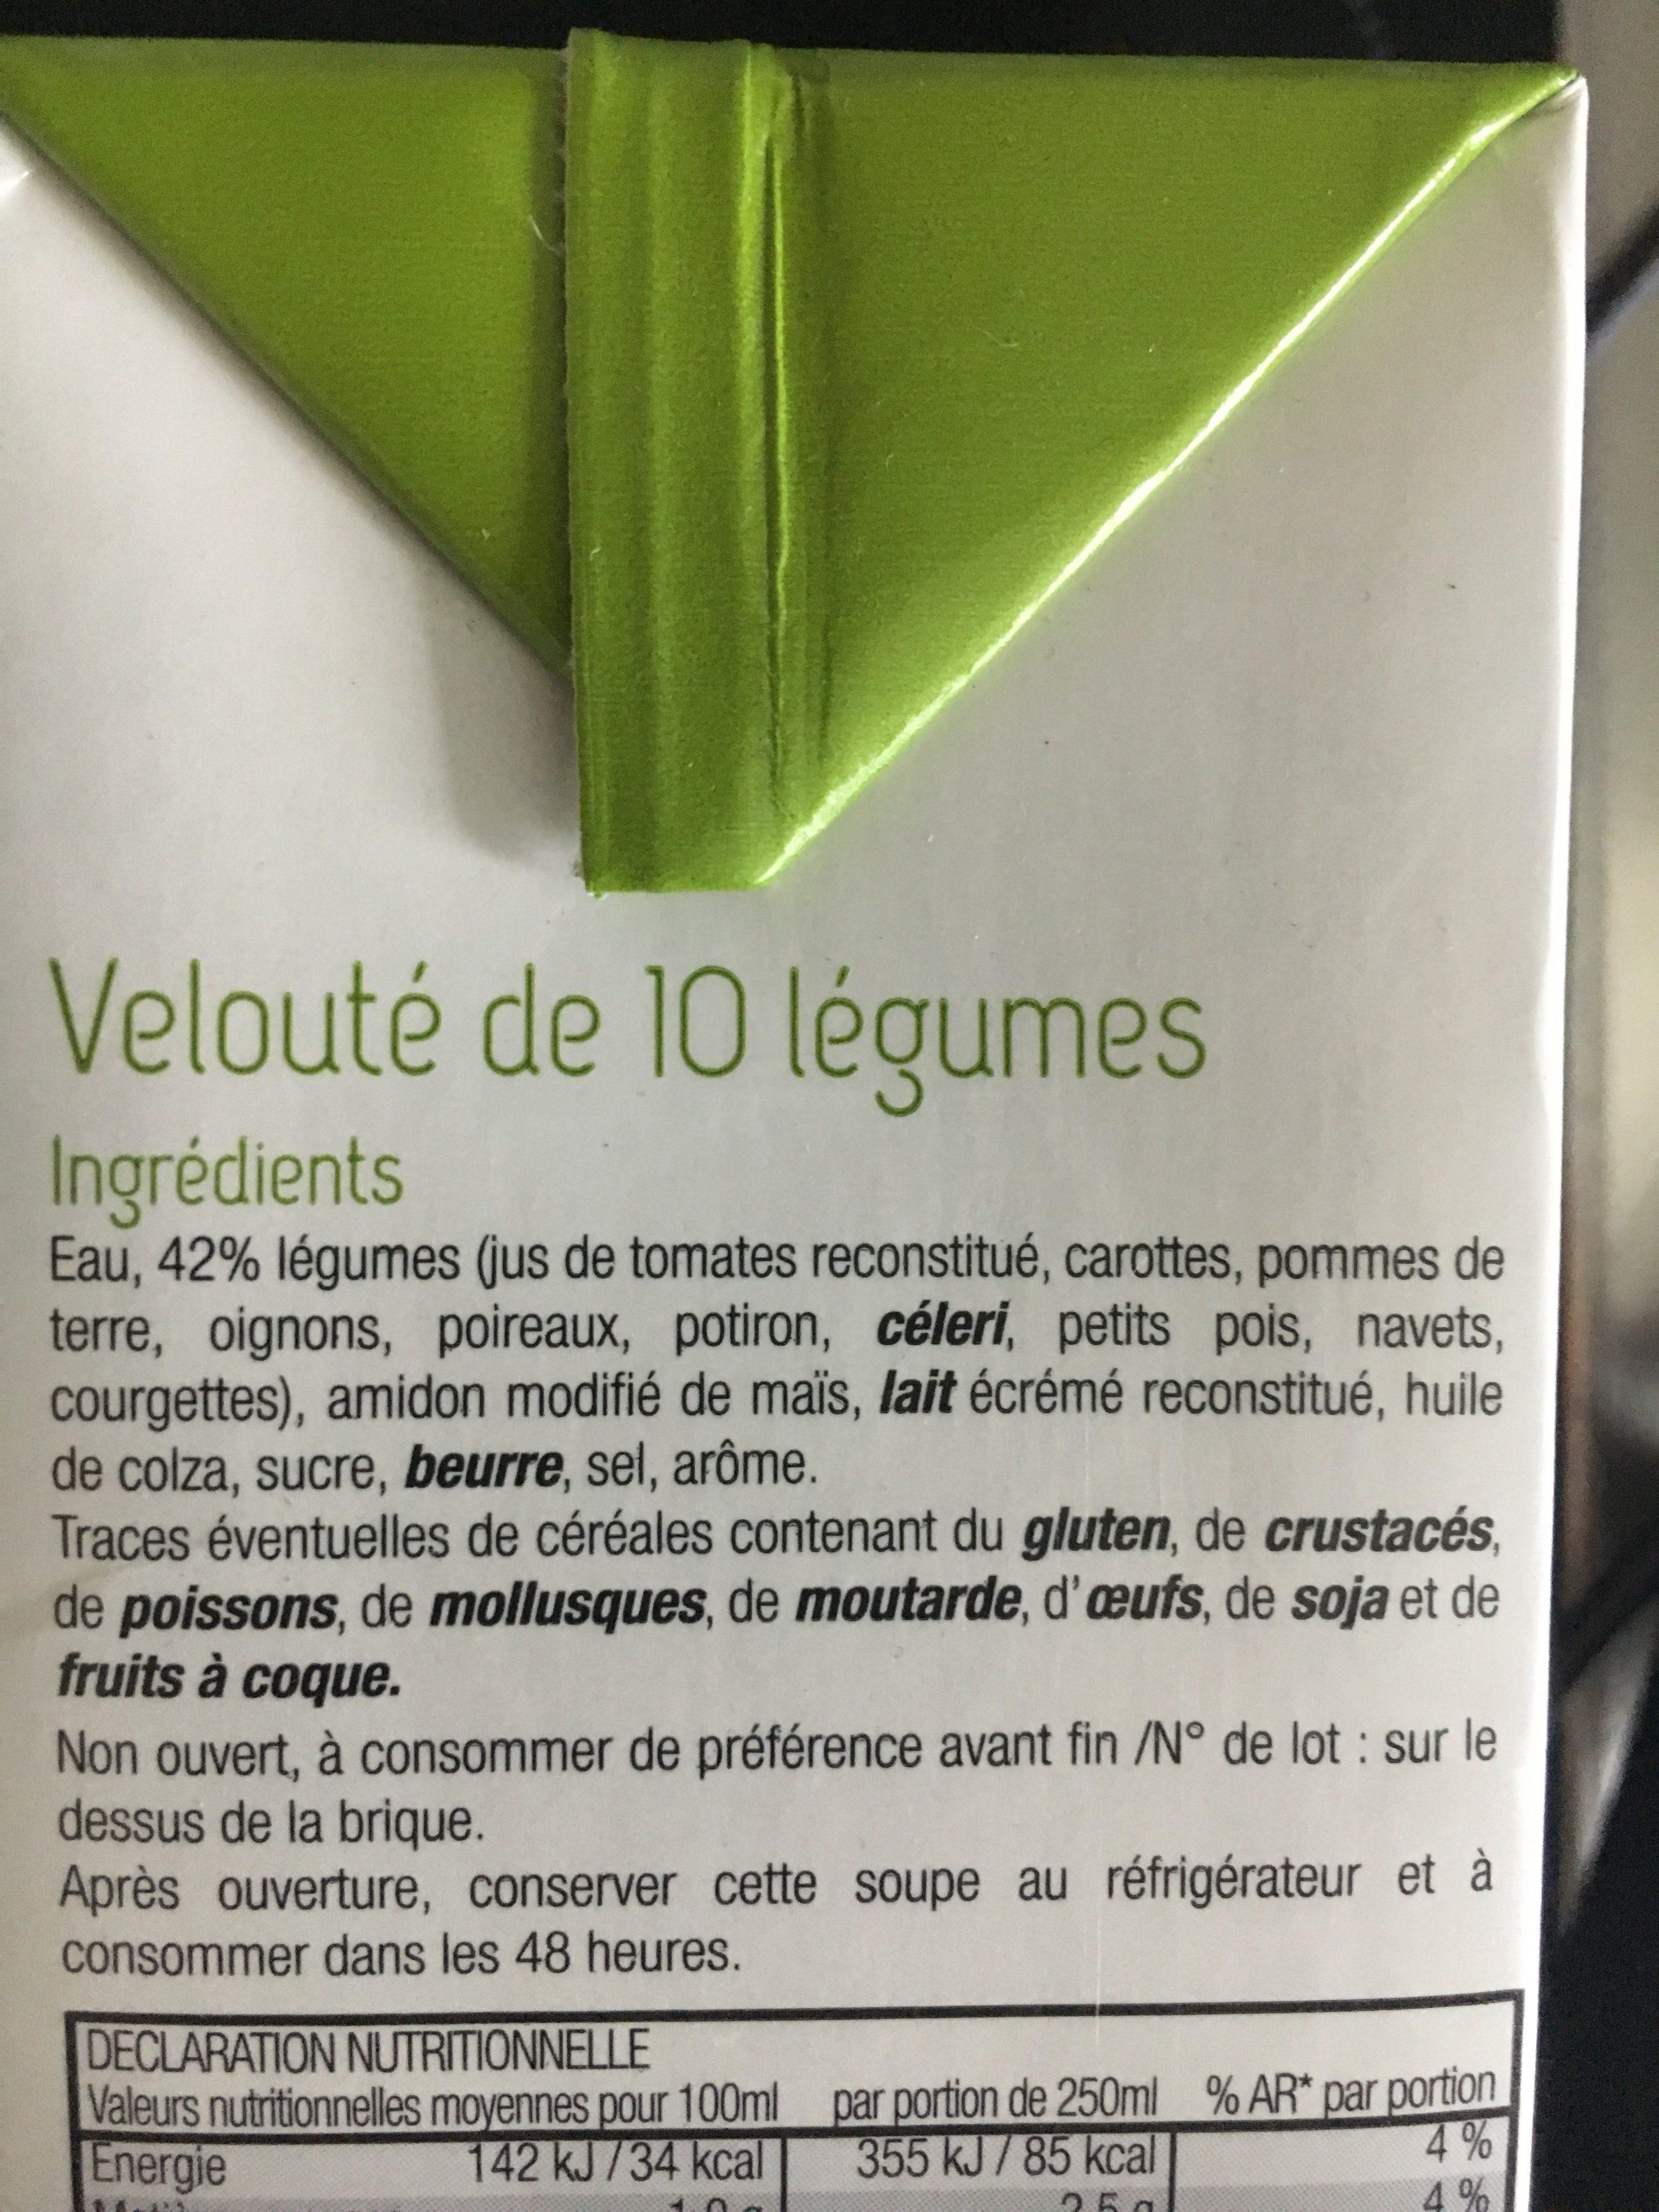 Velouté de 10 légumes - Ingrédients